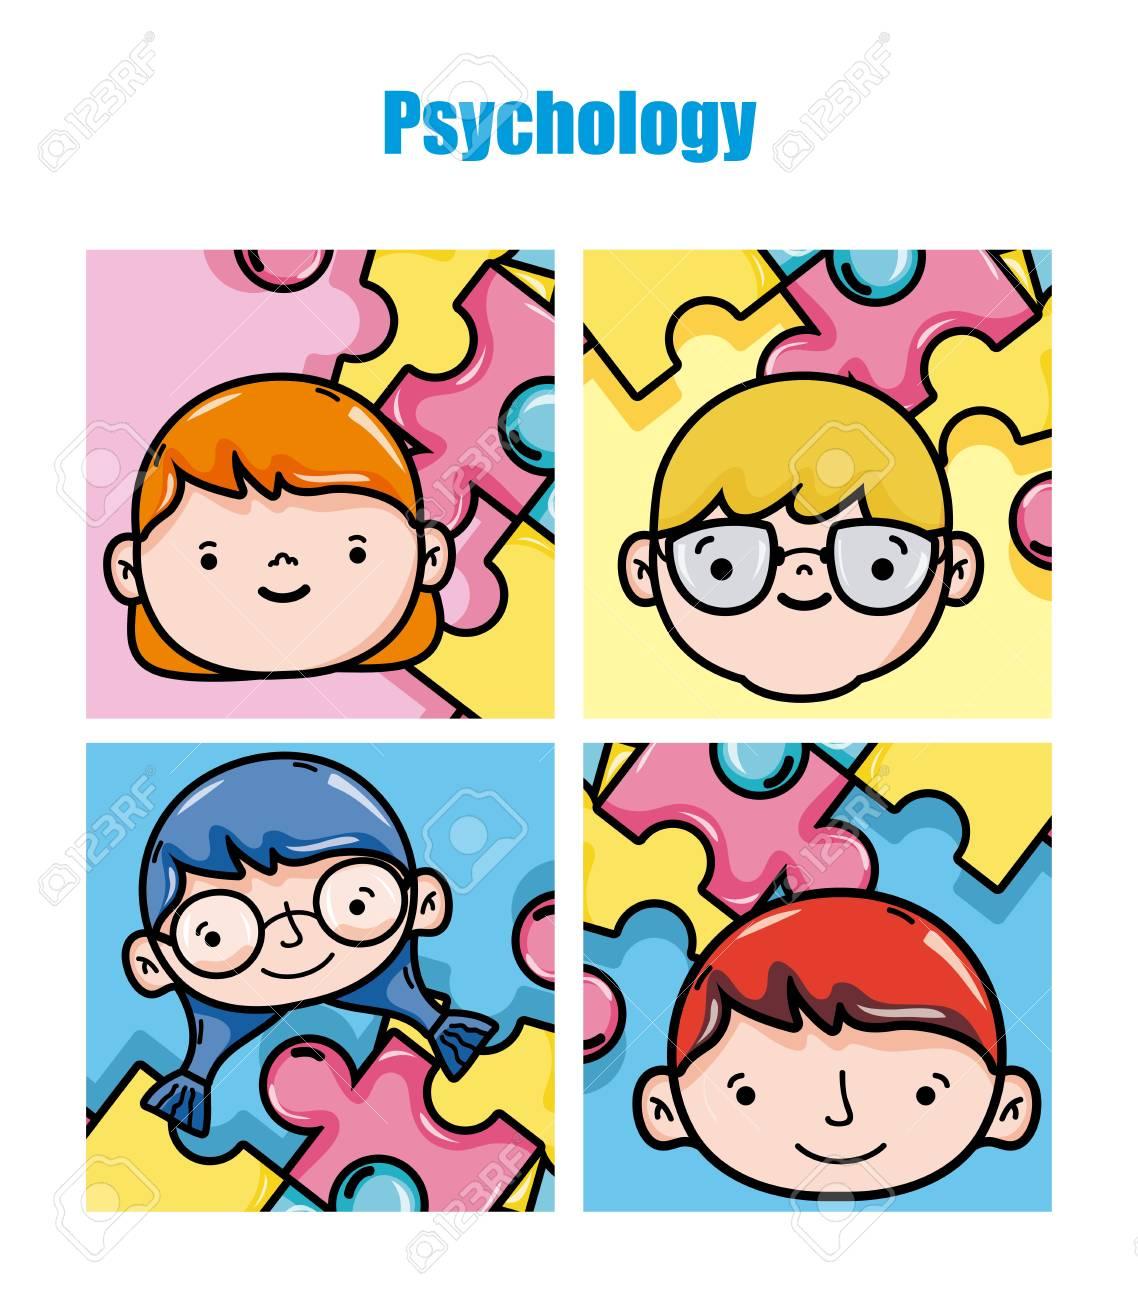 Niños De La Psicología Ilustración Vectorial De Dibujos Animados Diseño Gráfico